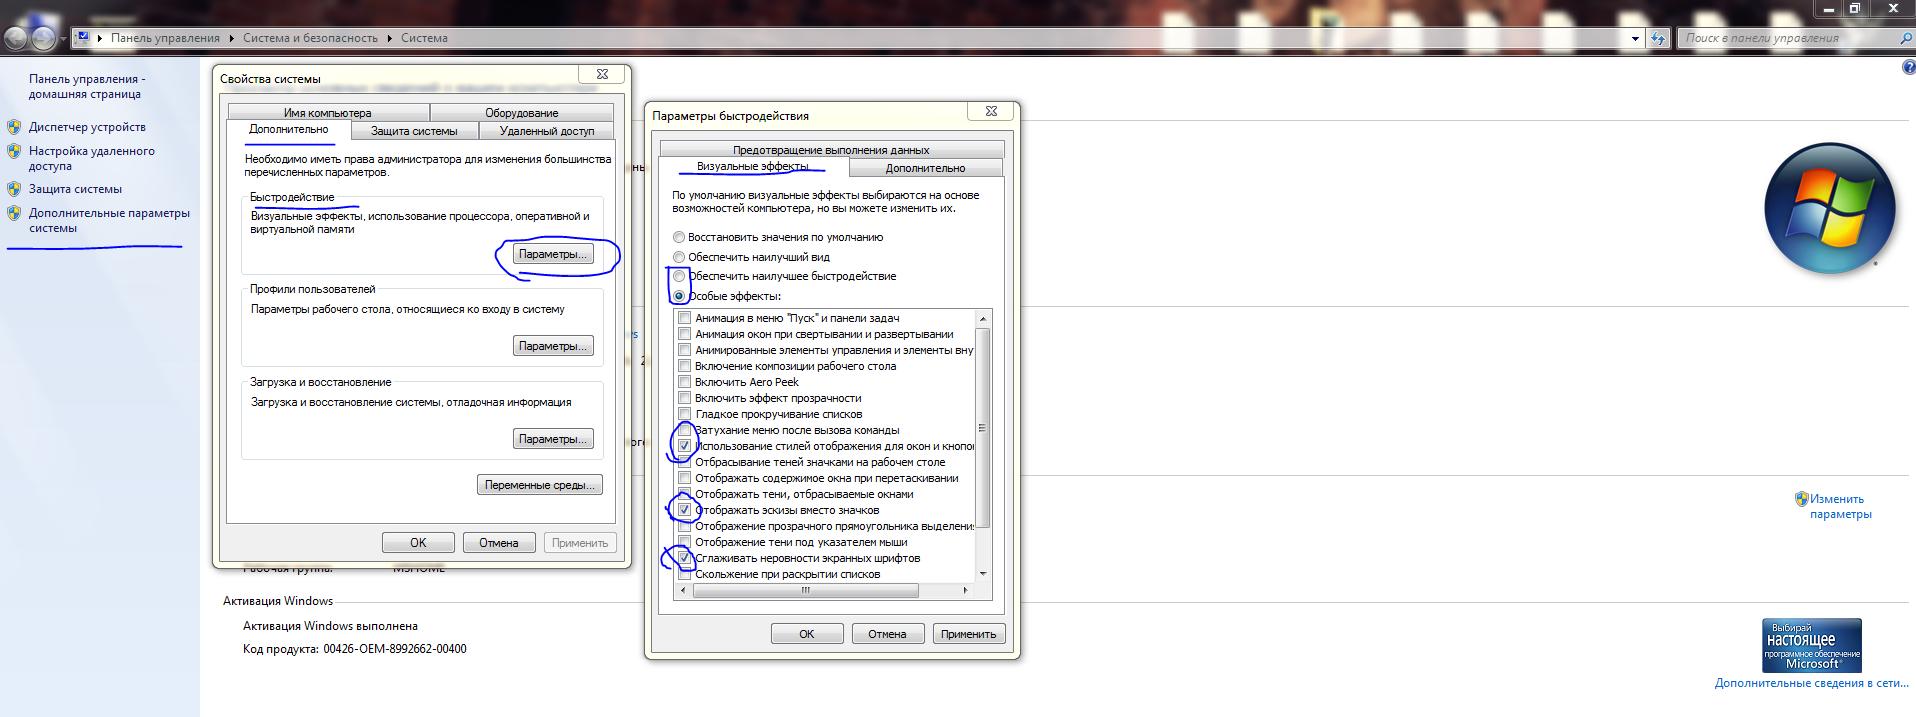 Программы для установки обоев на андроид 12 фотография